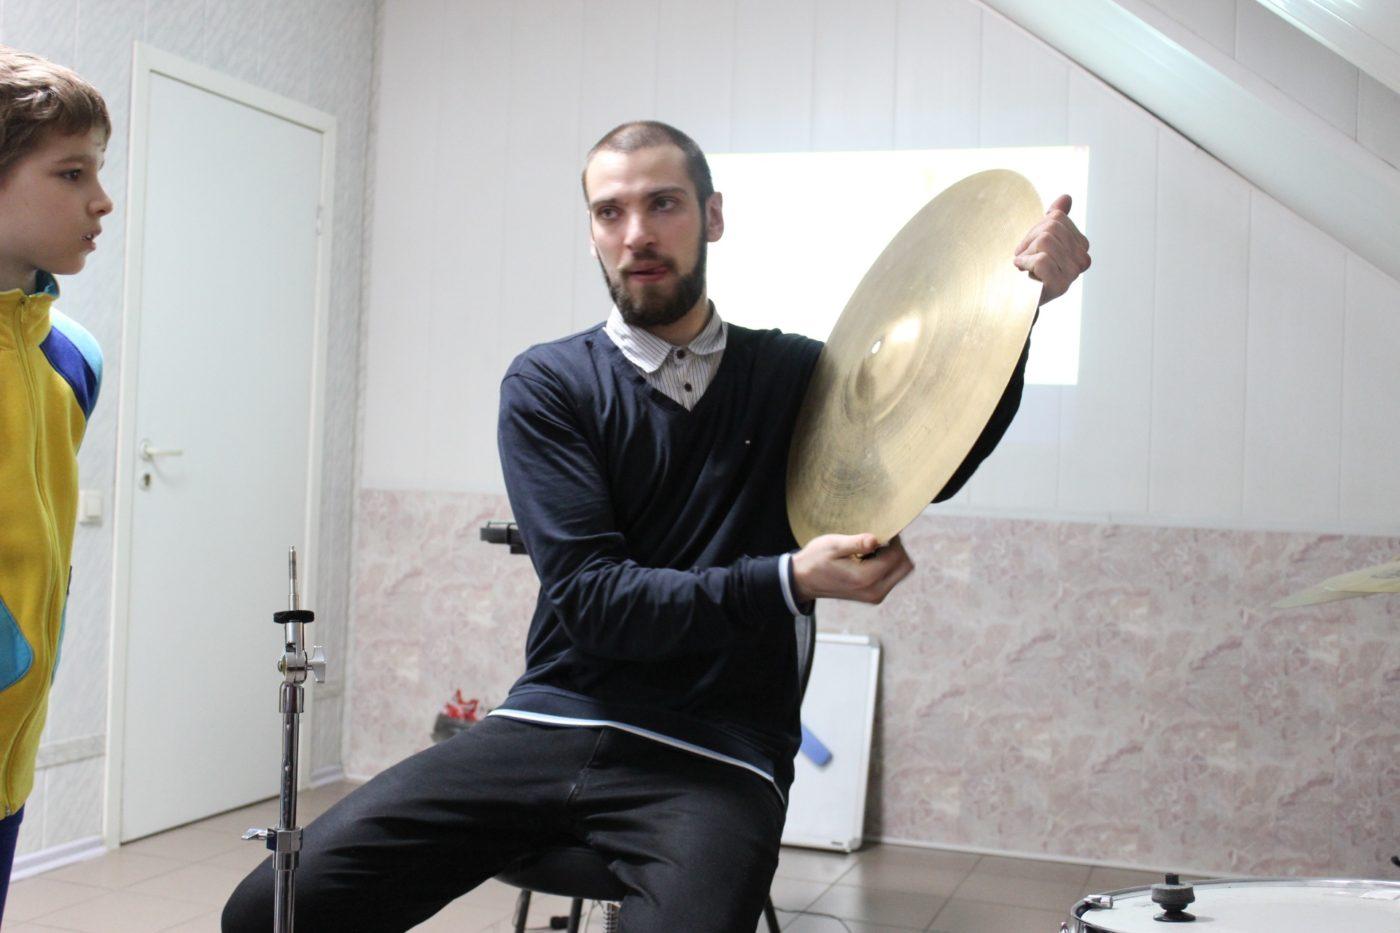 18 января в 18:00 состоялся мастер-класс по ударным на тему: «Настройка барабанов, особенности звукоизвлечения»